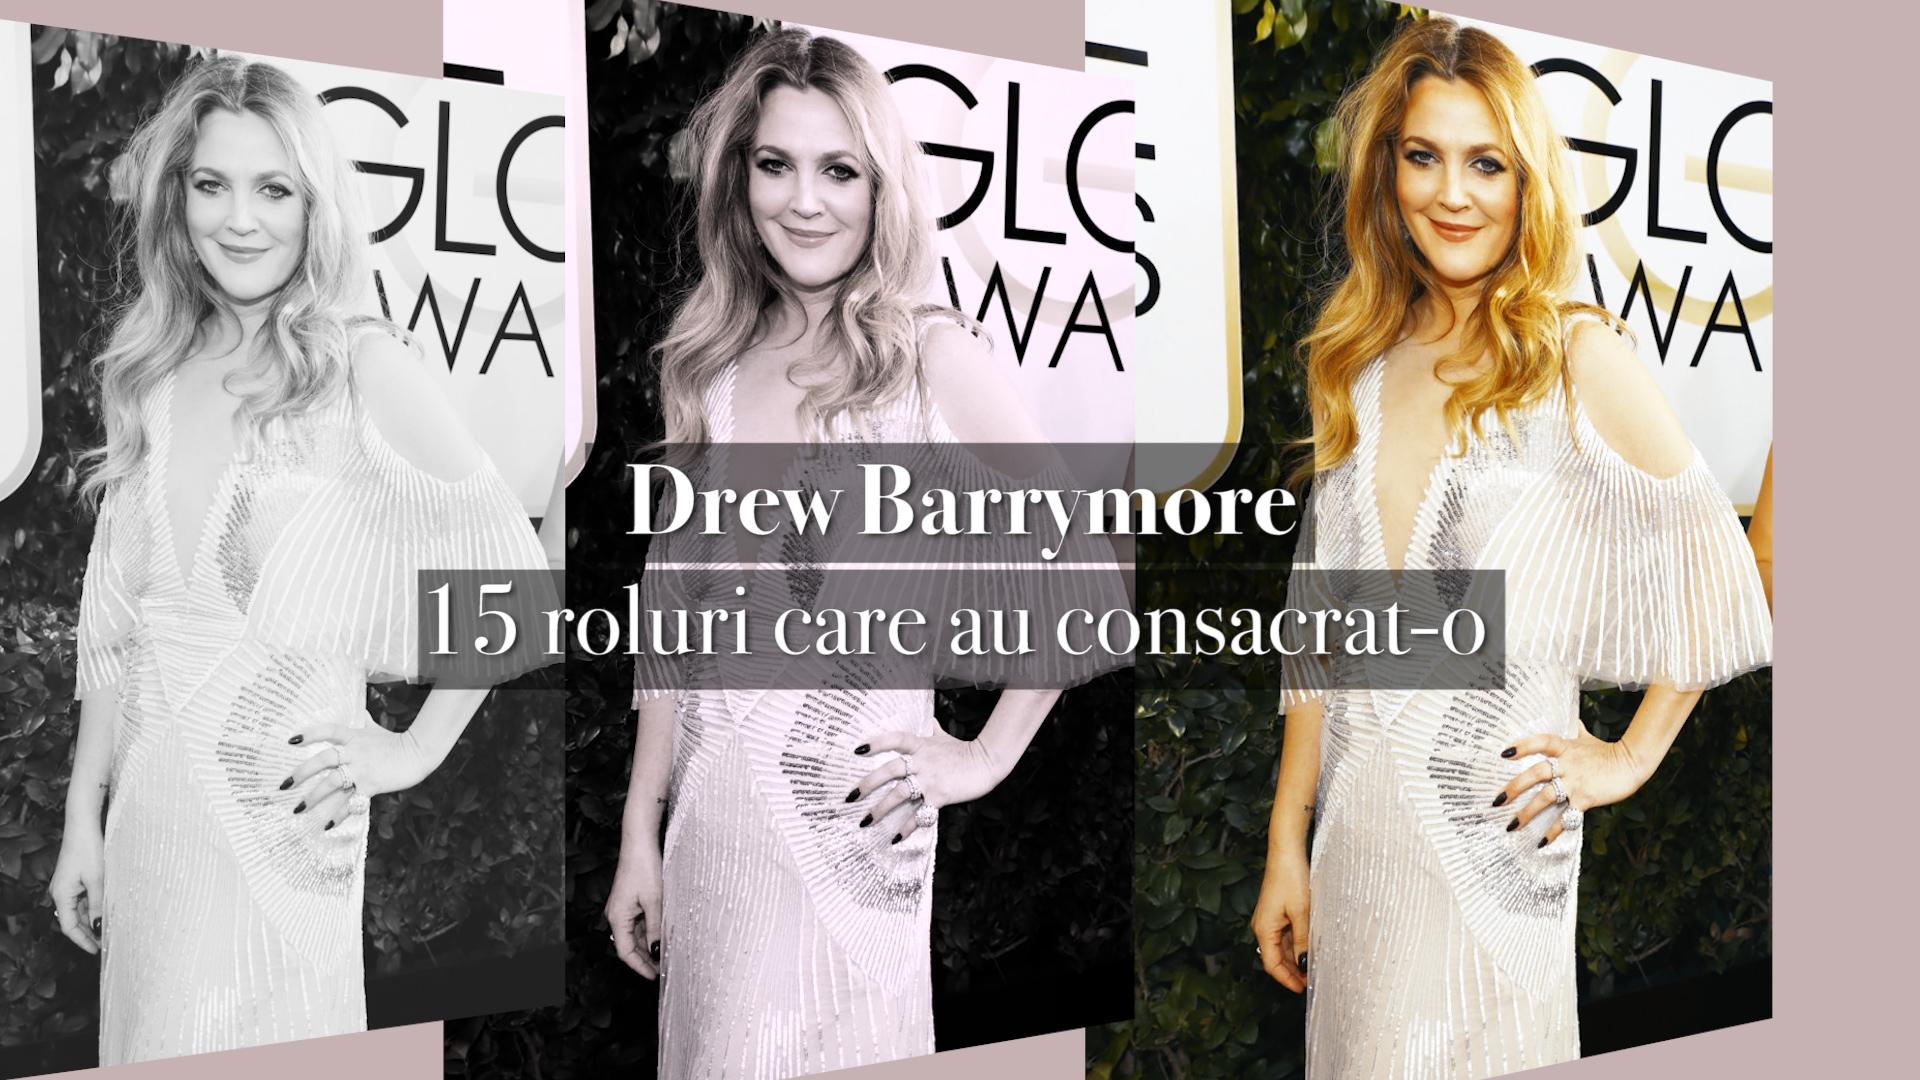 Drew Barrymore: 15 roluri care au consacrat-o (VIDEO)